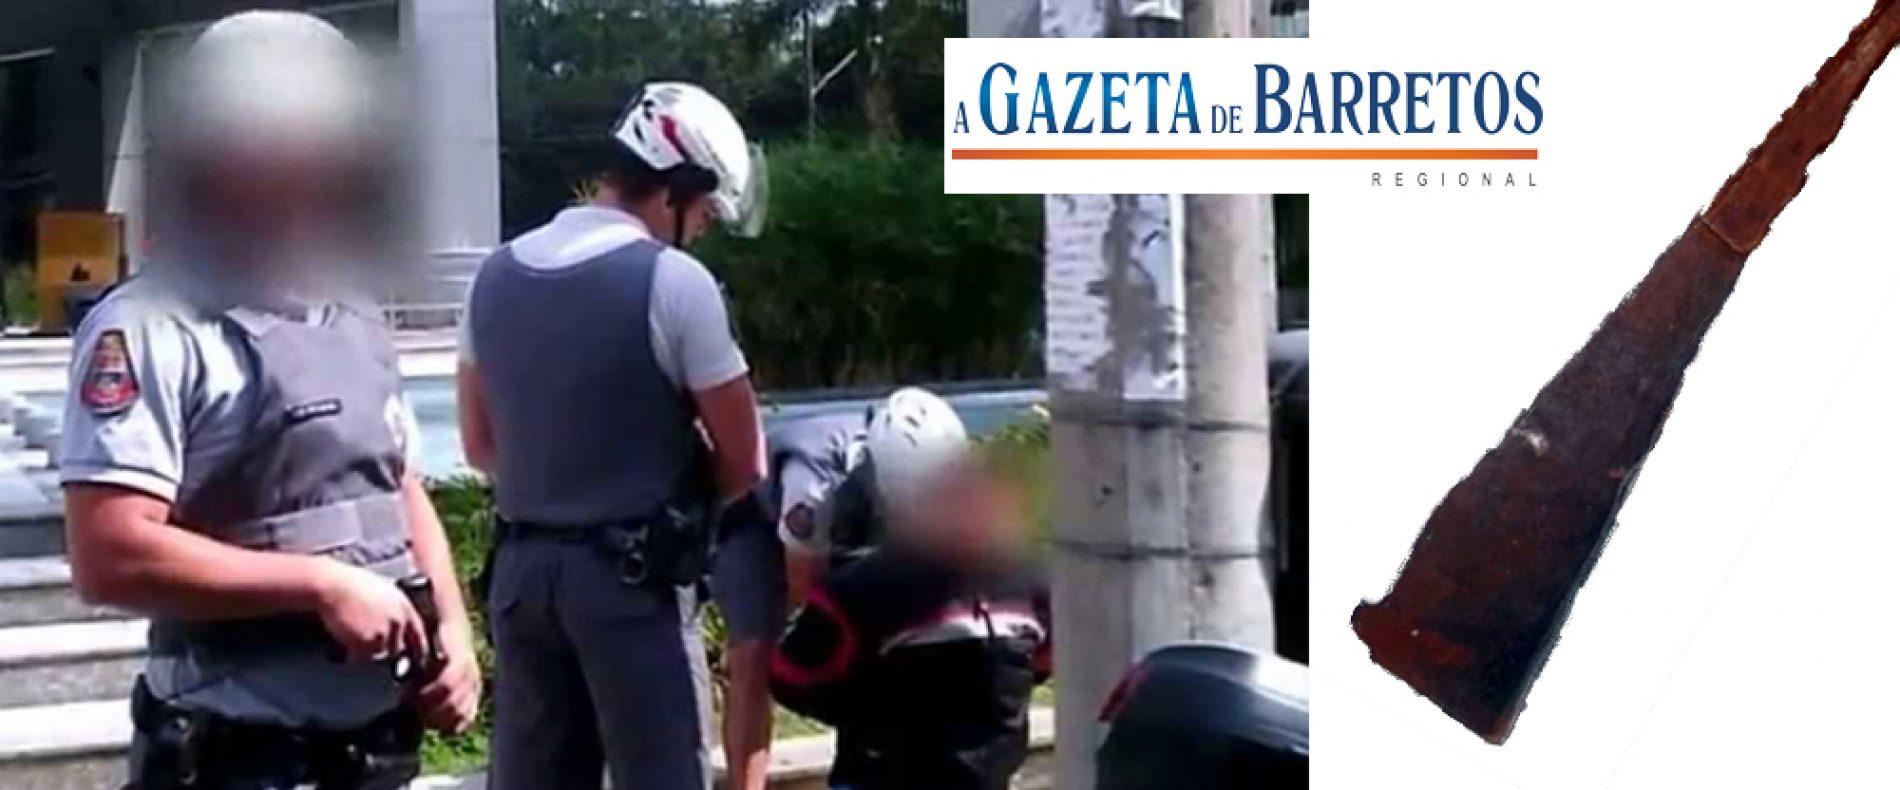 Homem é detido depois de ameaçar policiais com podão